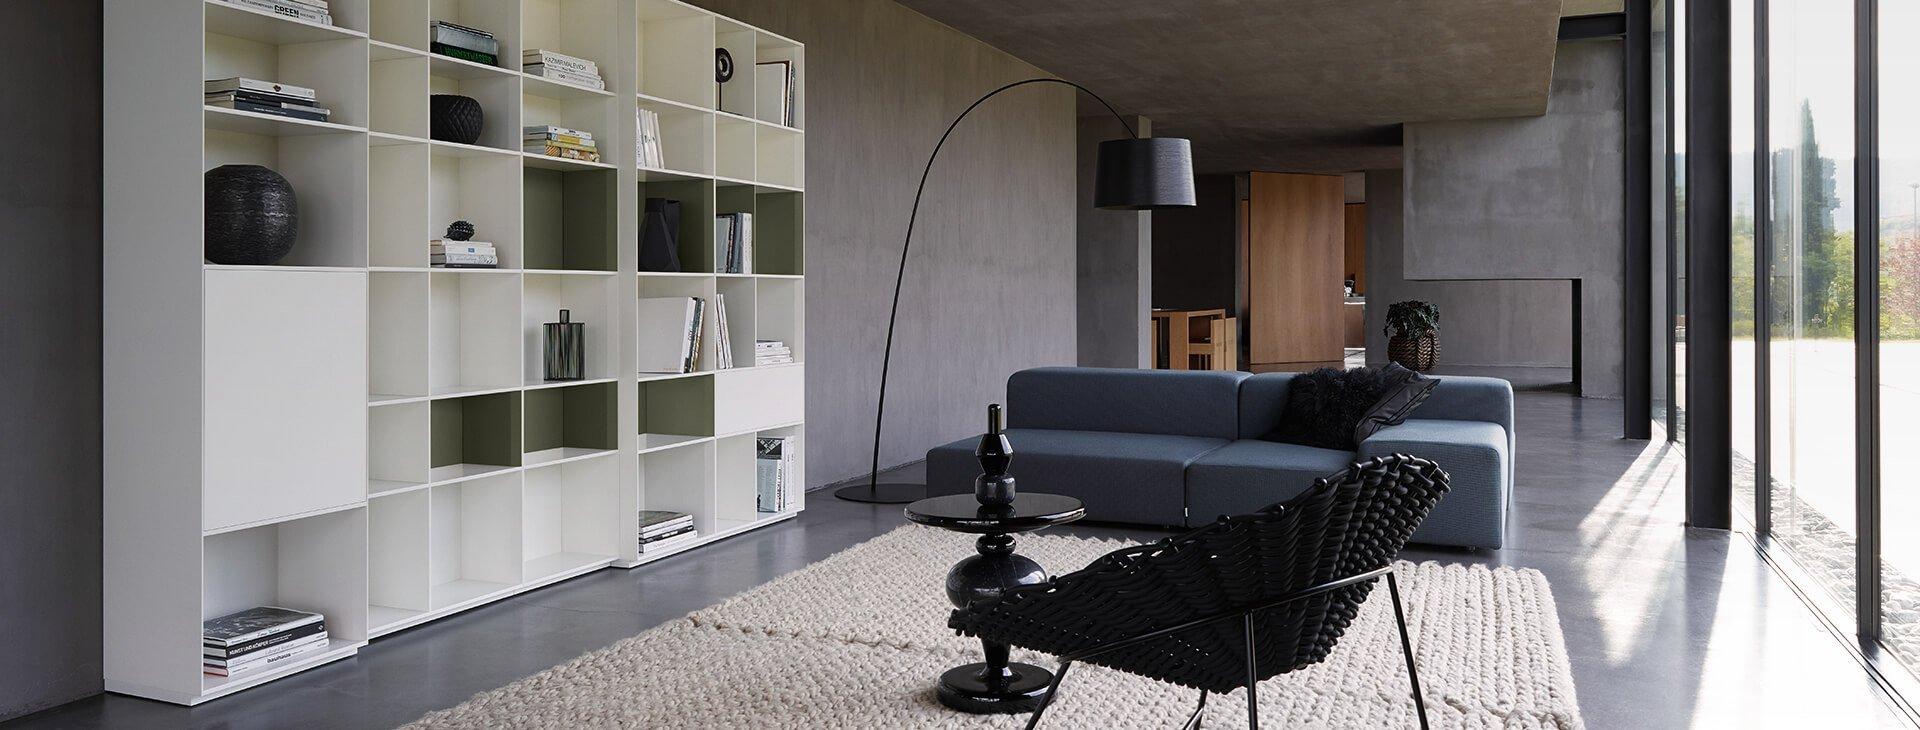 stilwerk_duesseldorf_designpaper_hw2017_lomanns_interior_stage